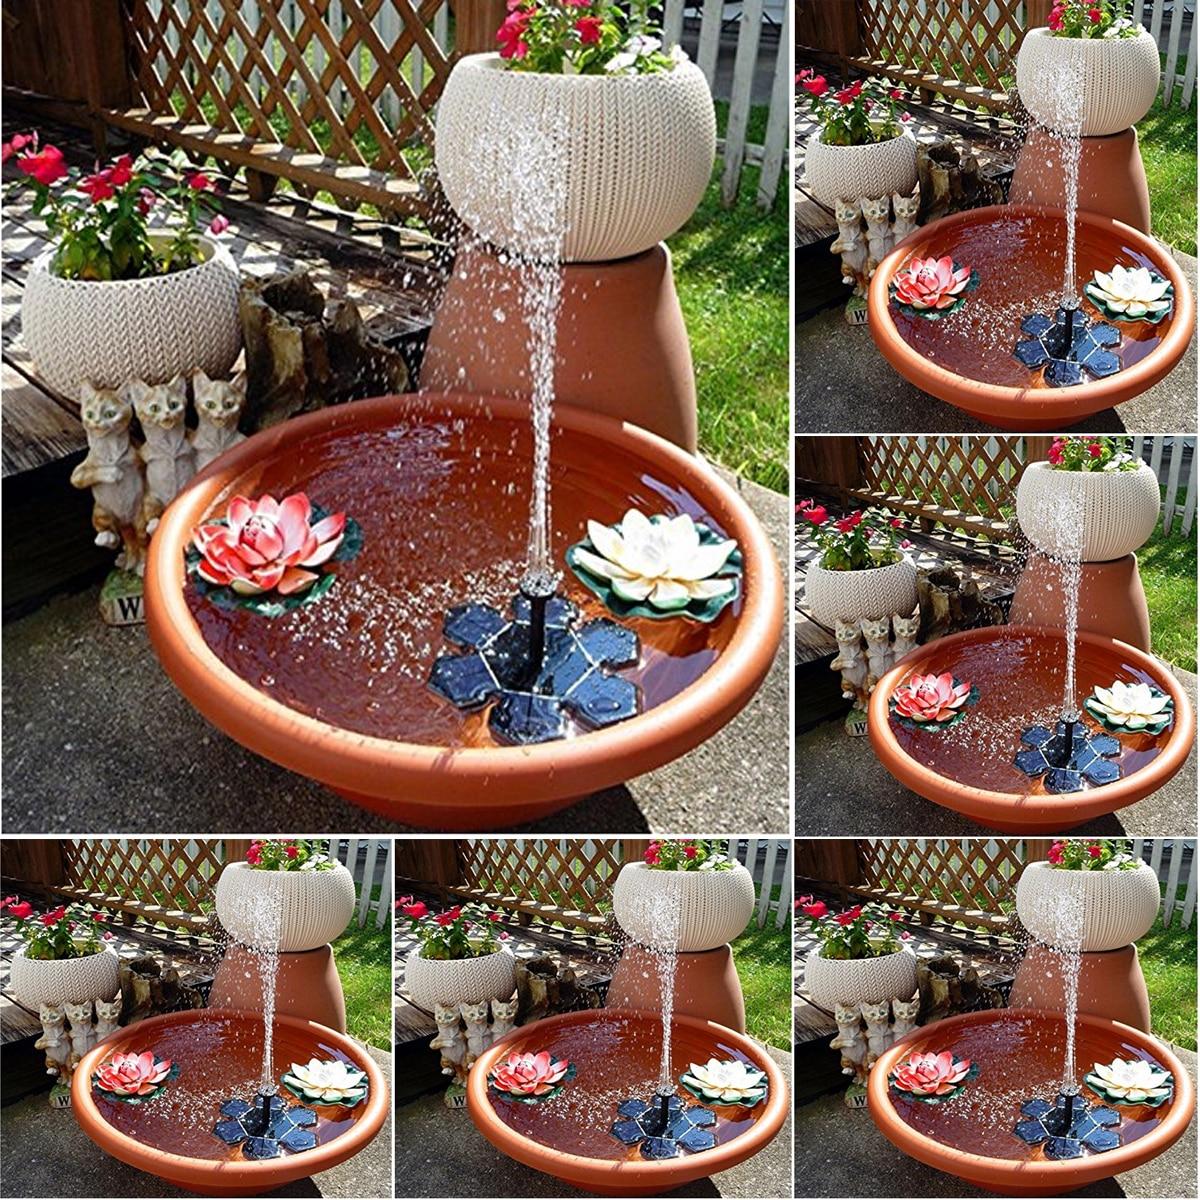 Solar brunnen Wasserpumpe Garten Pool Teich Vogel Bad Fisch Tank Park Indoor Landschaft Hause Dekoration Collector Neue